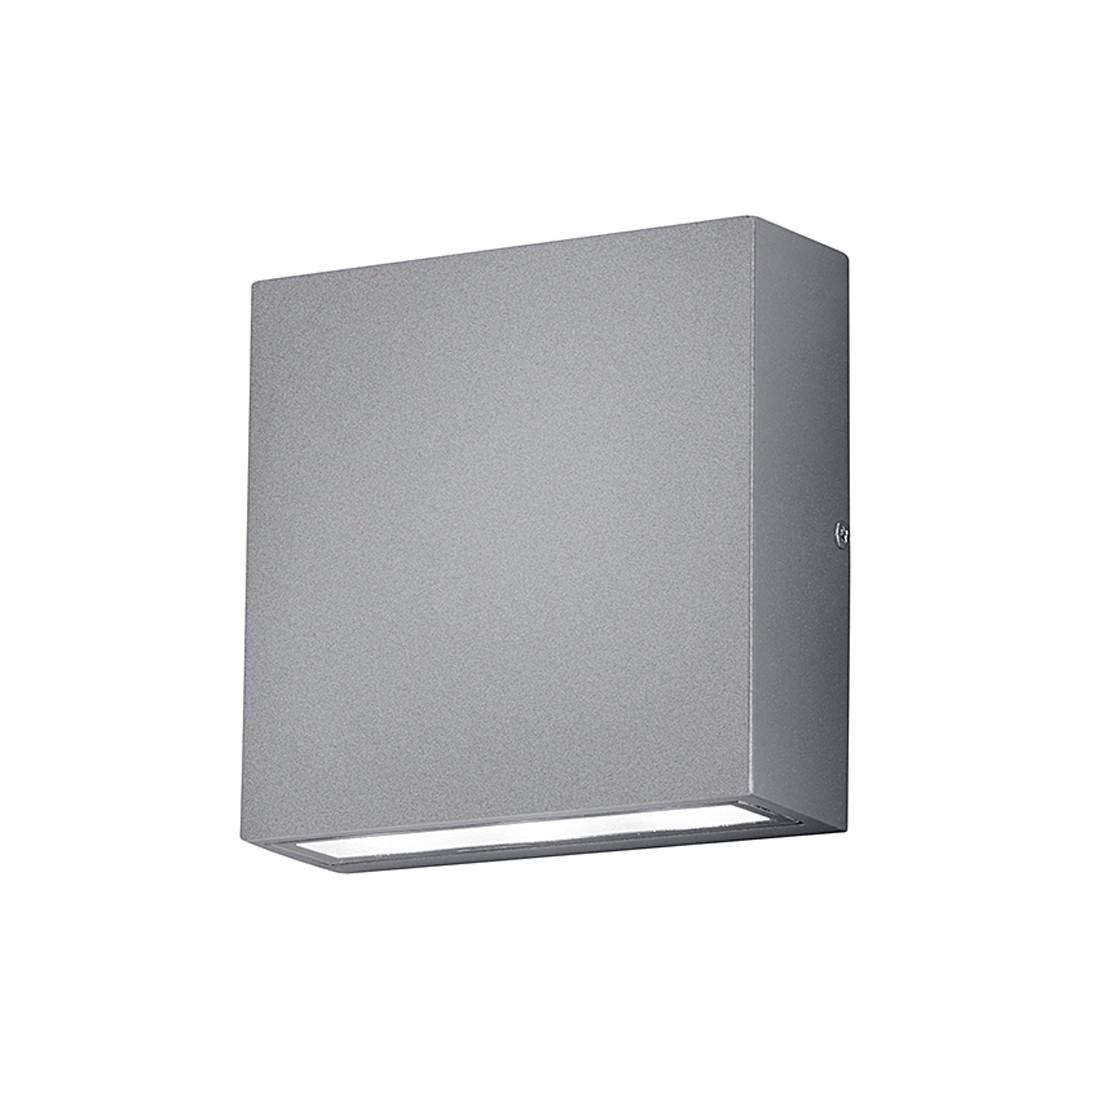 energie  A+, LED-buitenlamp Thames - aluminium/kunststof - zilverkleurig - 2 lichtbronnen, Trio